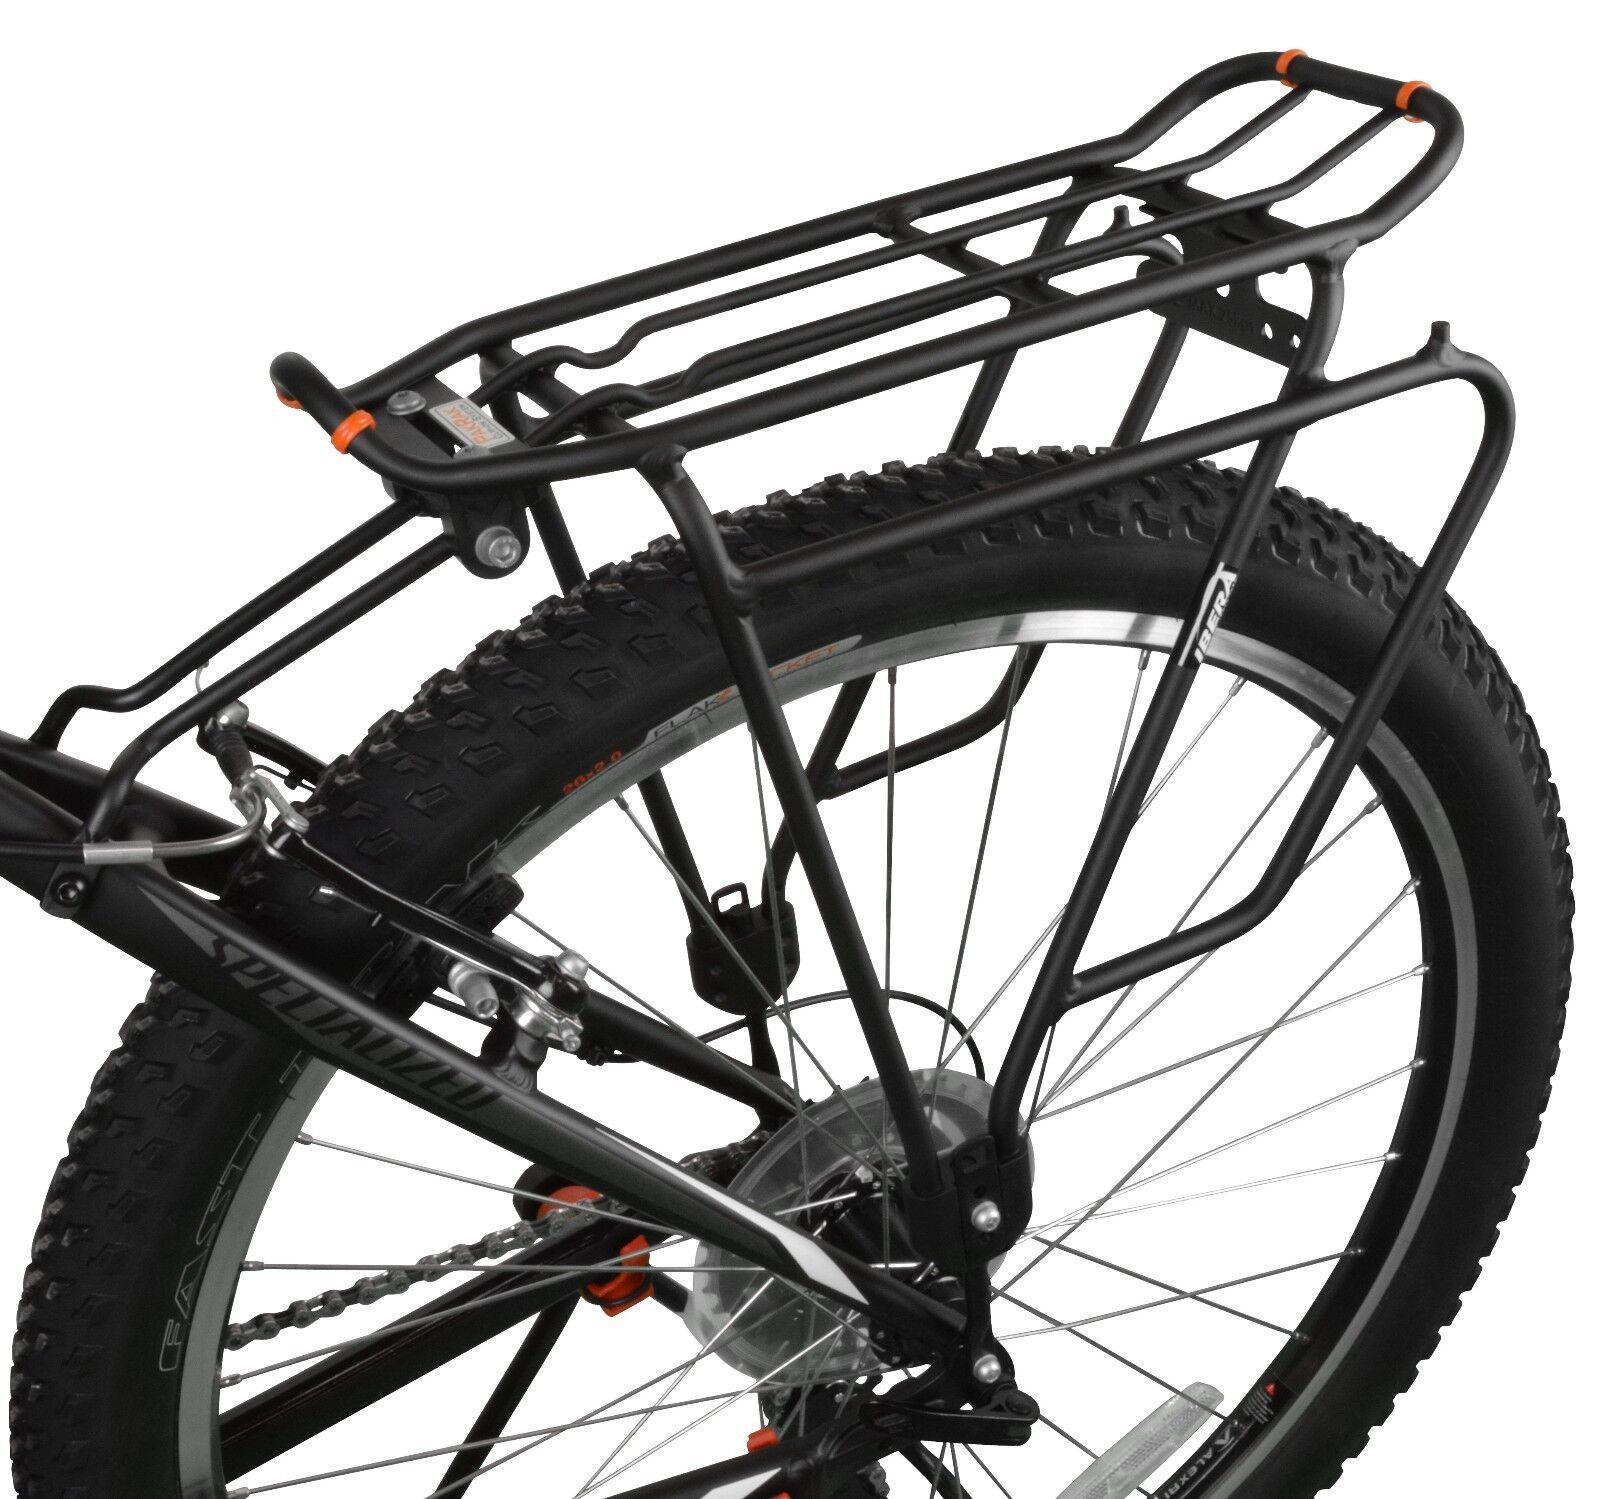 Frame-Mounted Ibera Bike Rack Bicycle Tou Carrier Plus For Disc Brake Mount